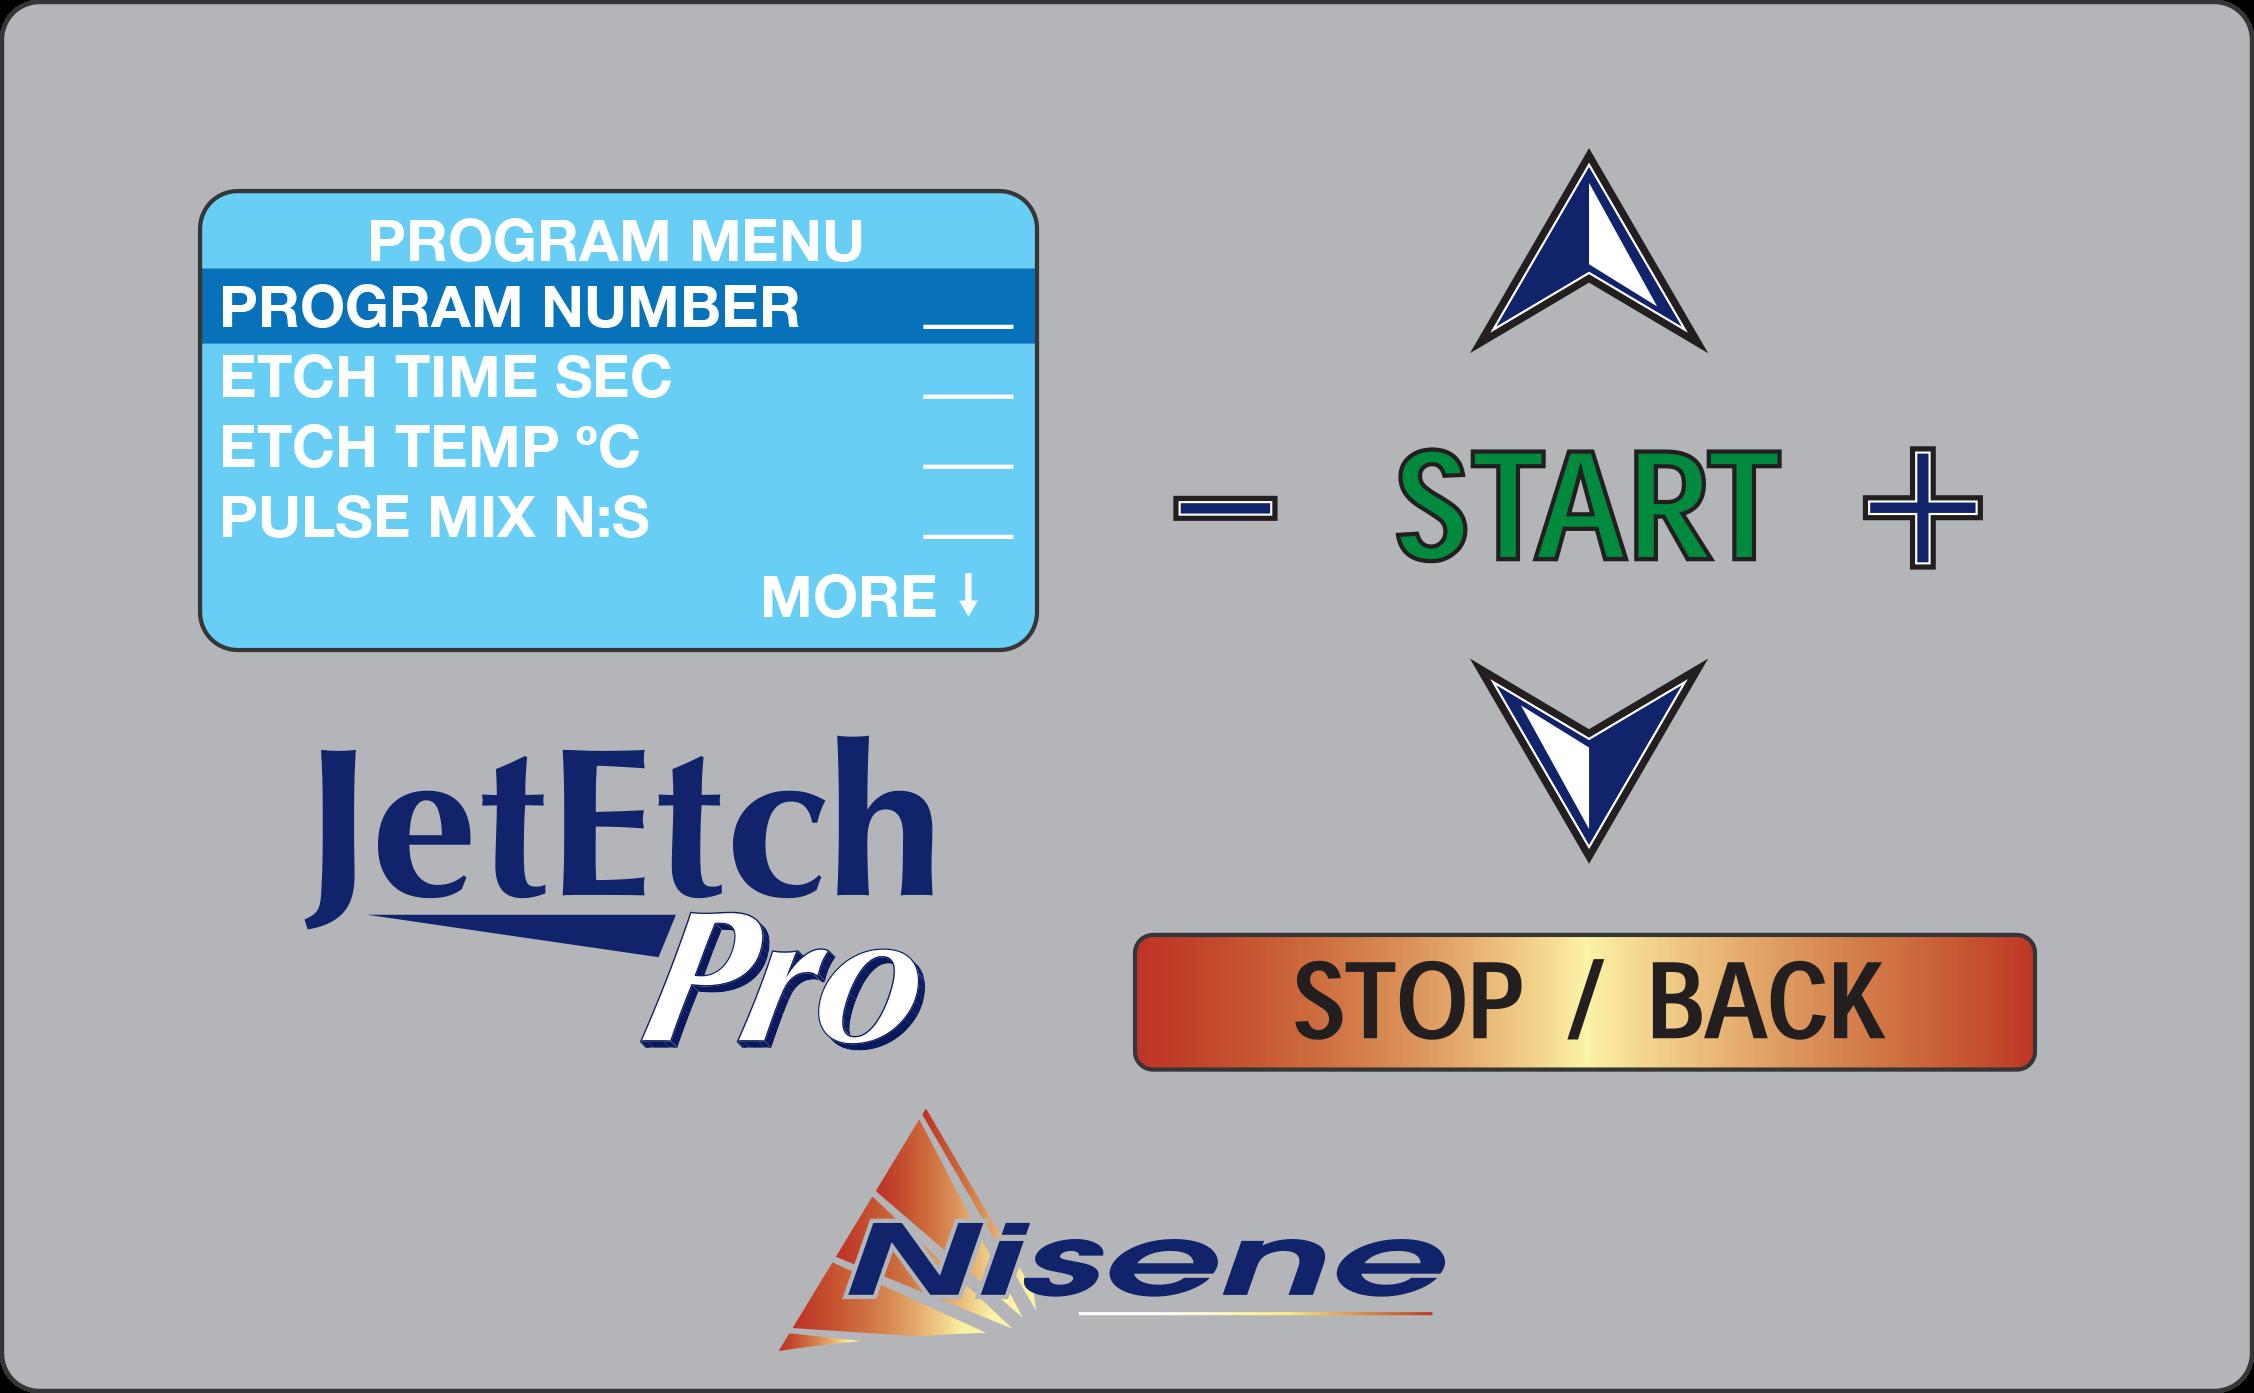 JetEtch Pro